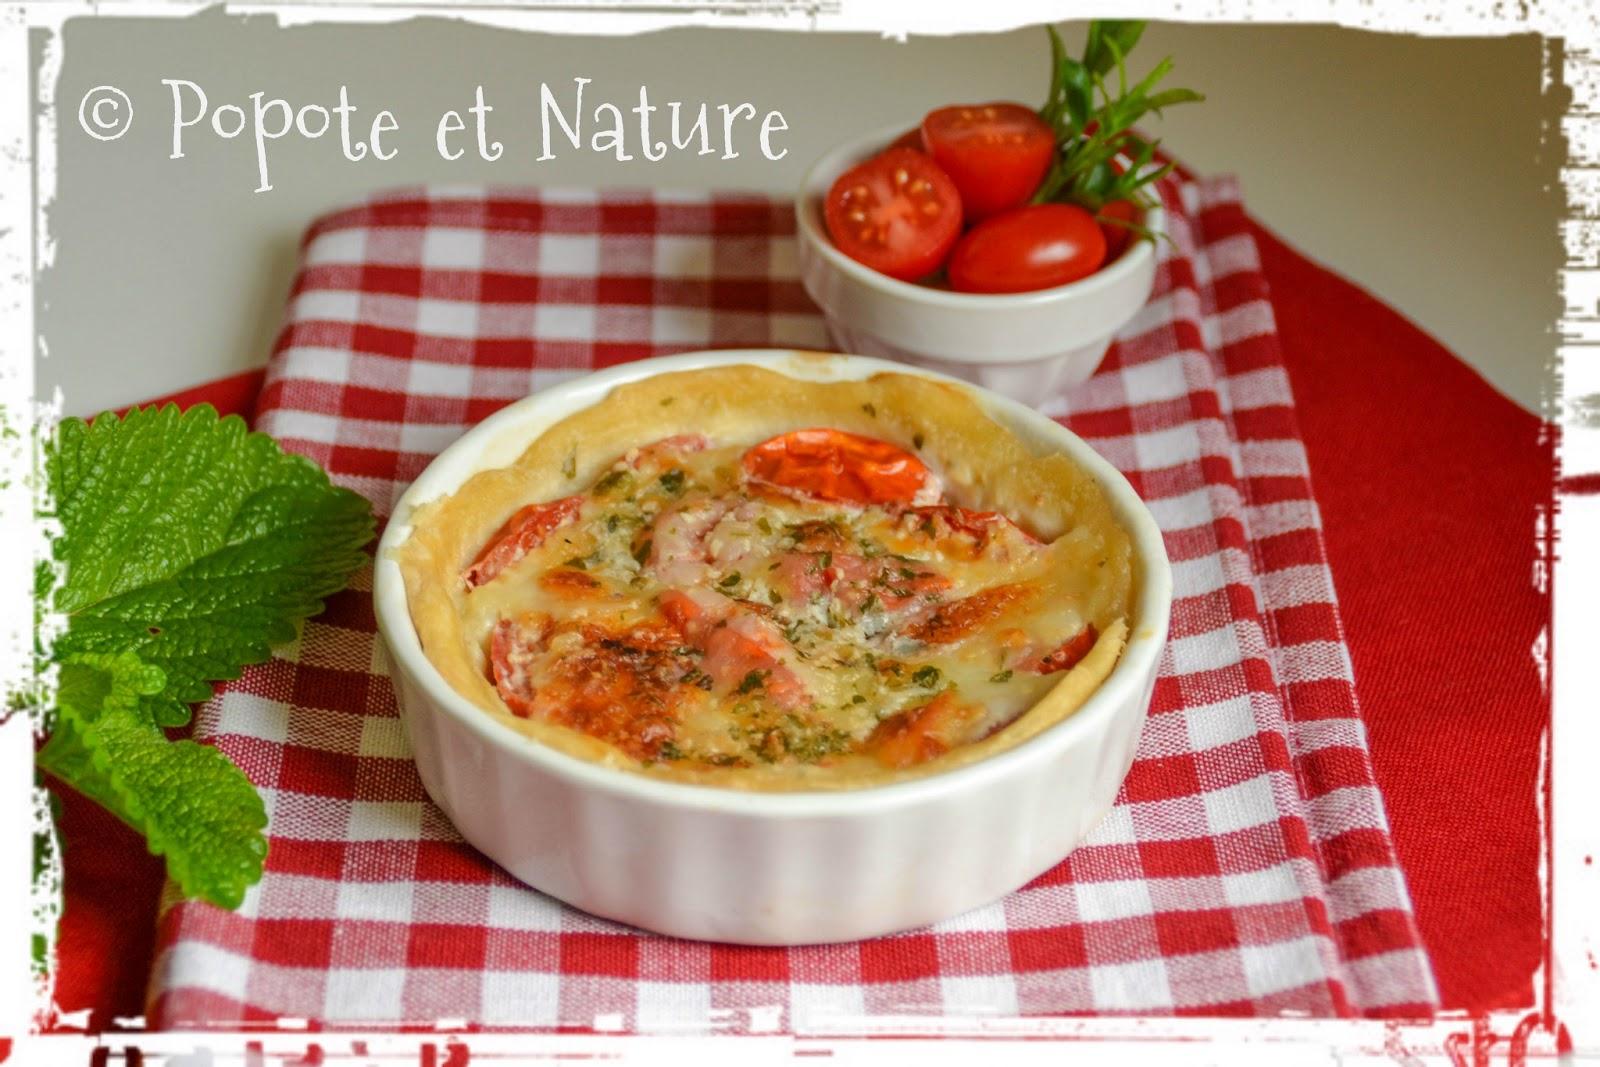 Popote et nature faites entrer le soleil de l 39 italie dans votre cuisine - Le soleil dans la cuisine ...